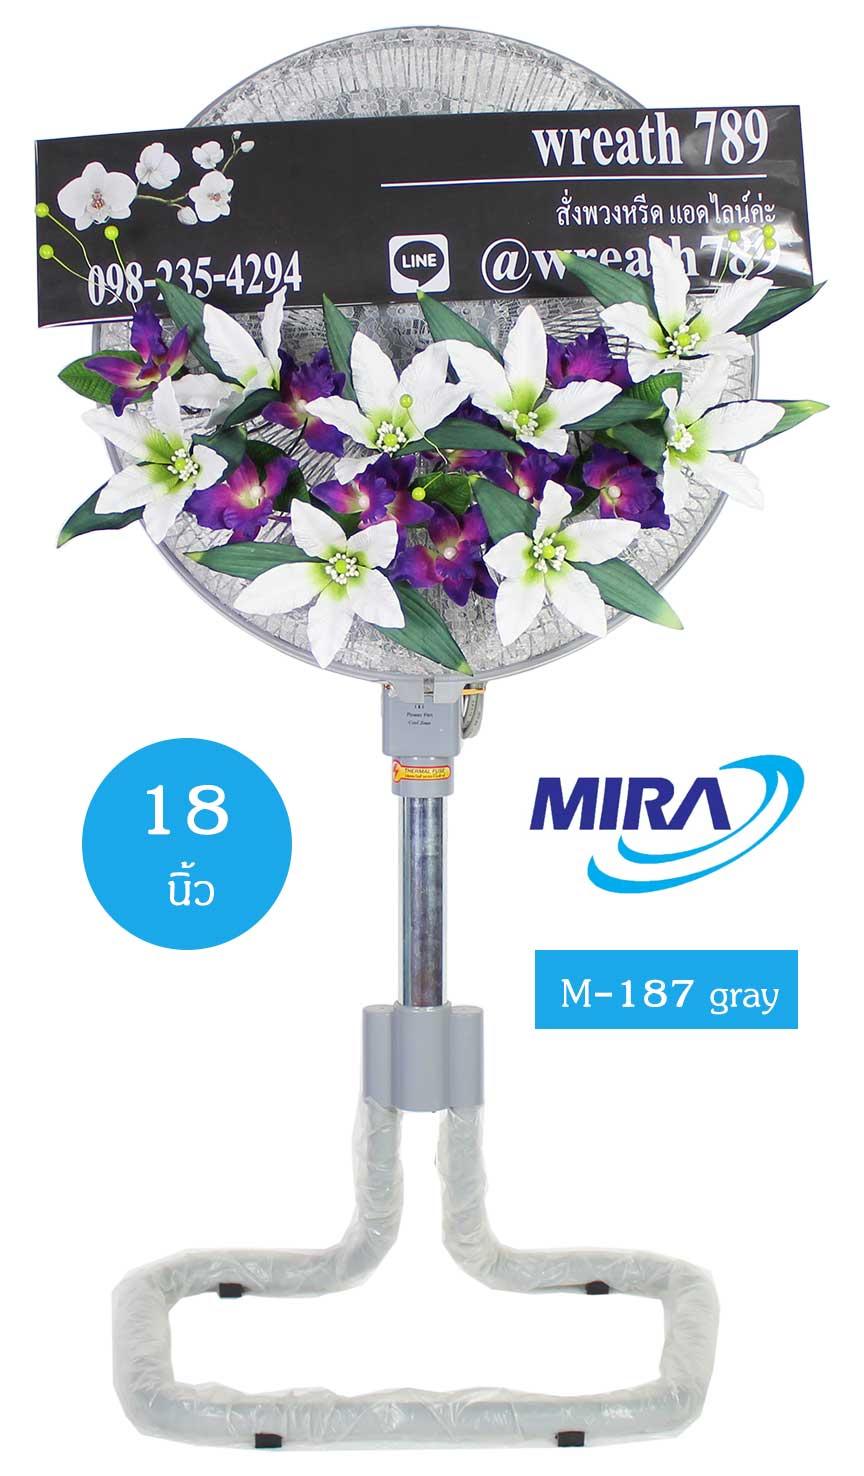 พวงหรีดพัดลม แบบที่351v พัดลมอุตสาหกรรม สีเทา mira พวงหรีดดอกไม้ประดิษฐ์